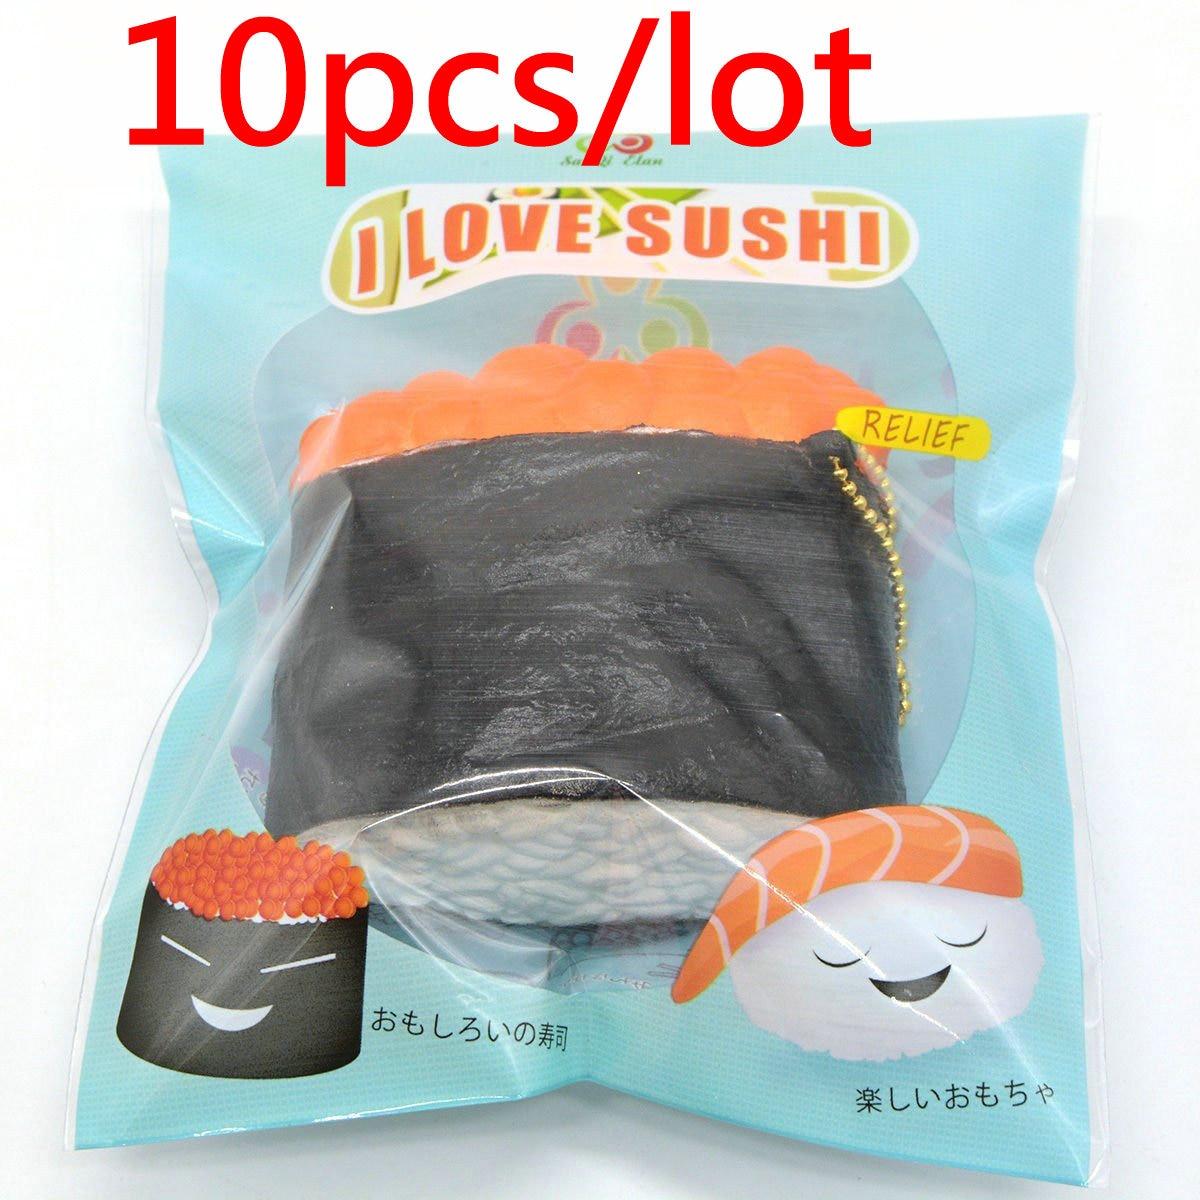 imágenes para 10 Unids/lote 2017New Squeeze Kawaii Blando Caviar Delicioso Sushi de Pescado Lento Aumento Bollo Kid Juguete de Regalo Original Al Por Mayor de Envases